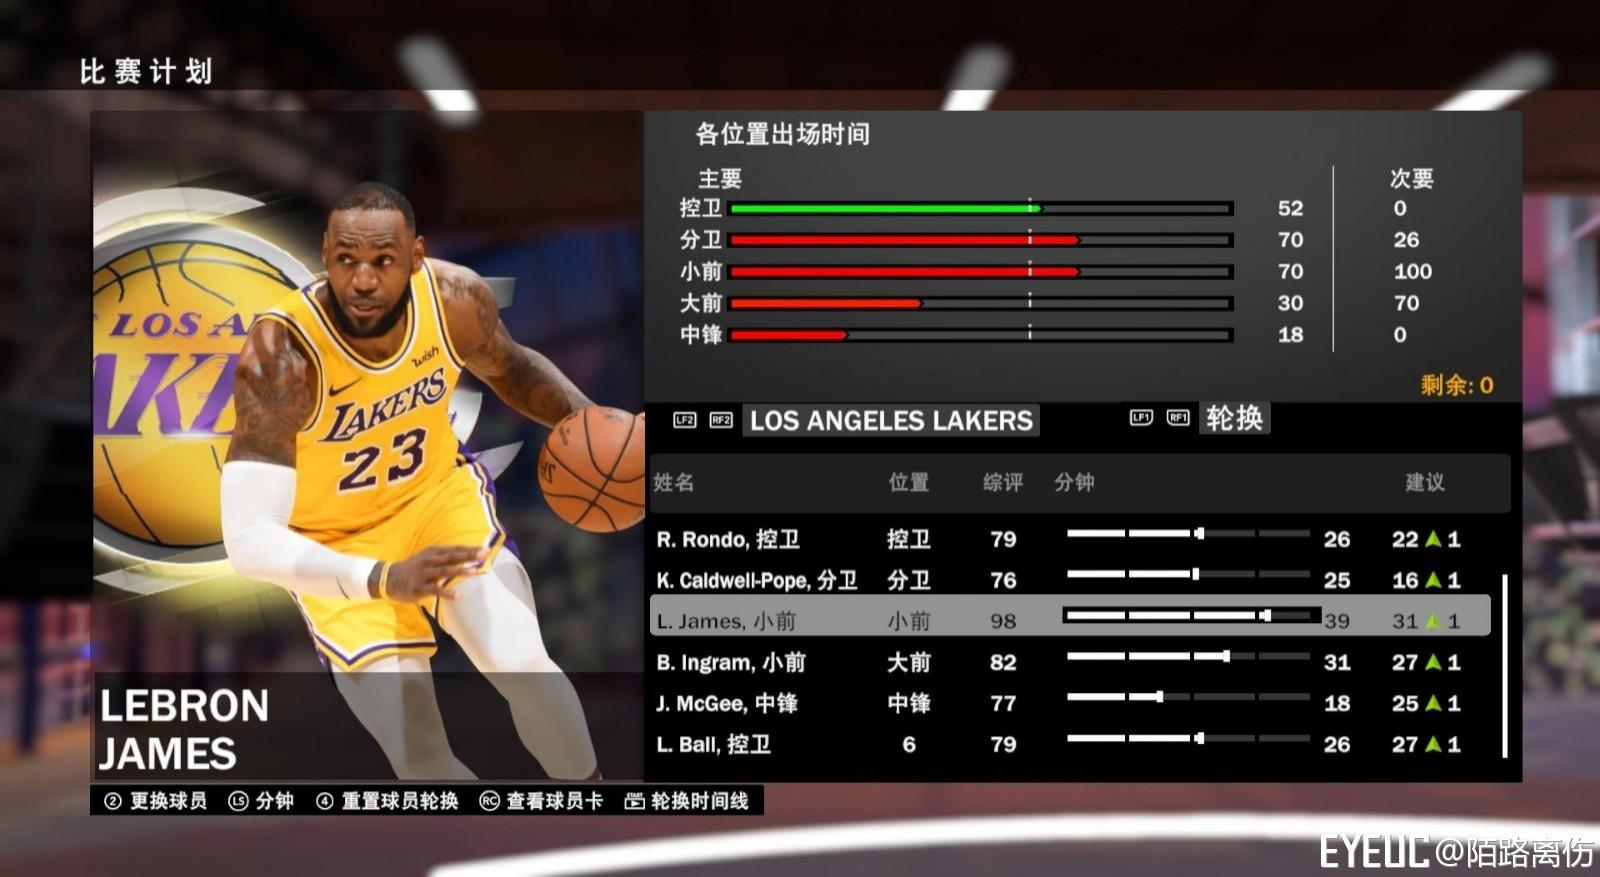 fd6a348d9cd NBA 2K19 - LeBron James Portrait Update (Los Angeles Lakers ...